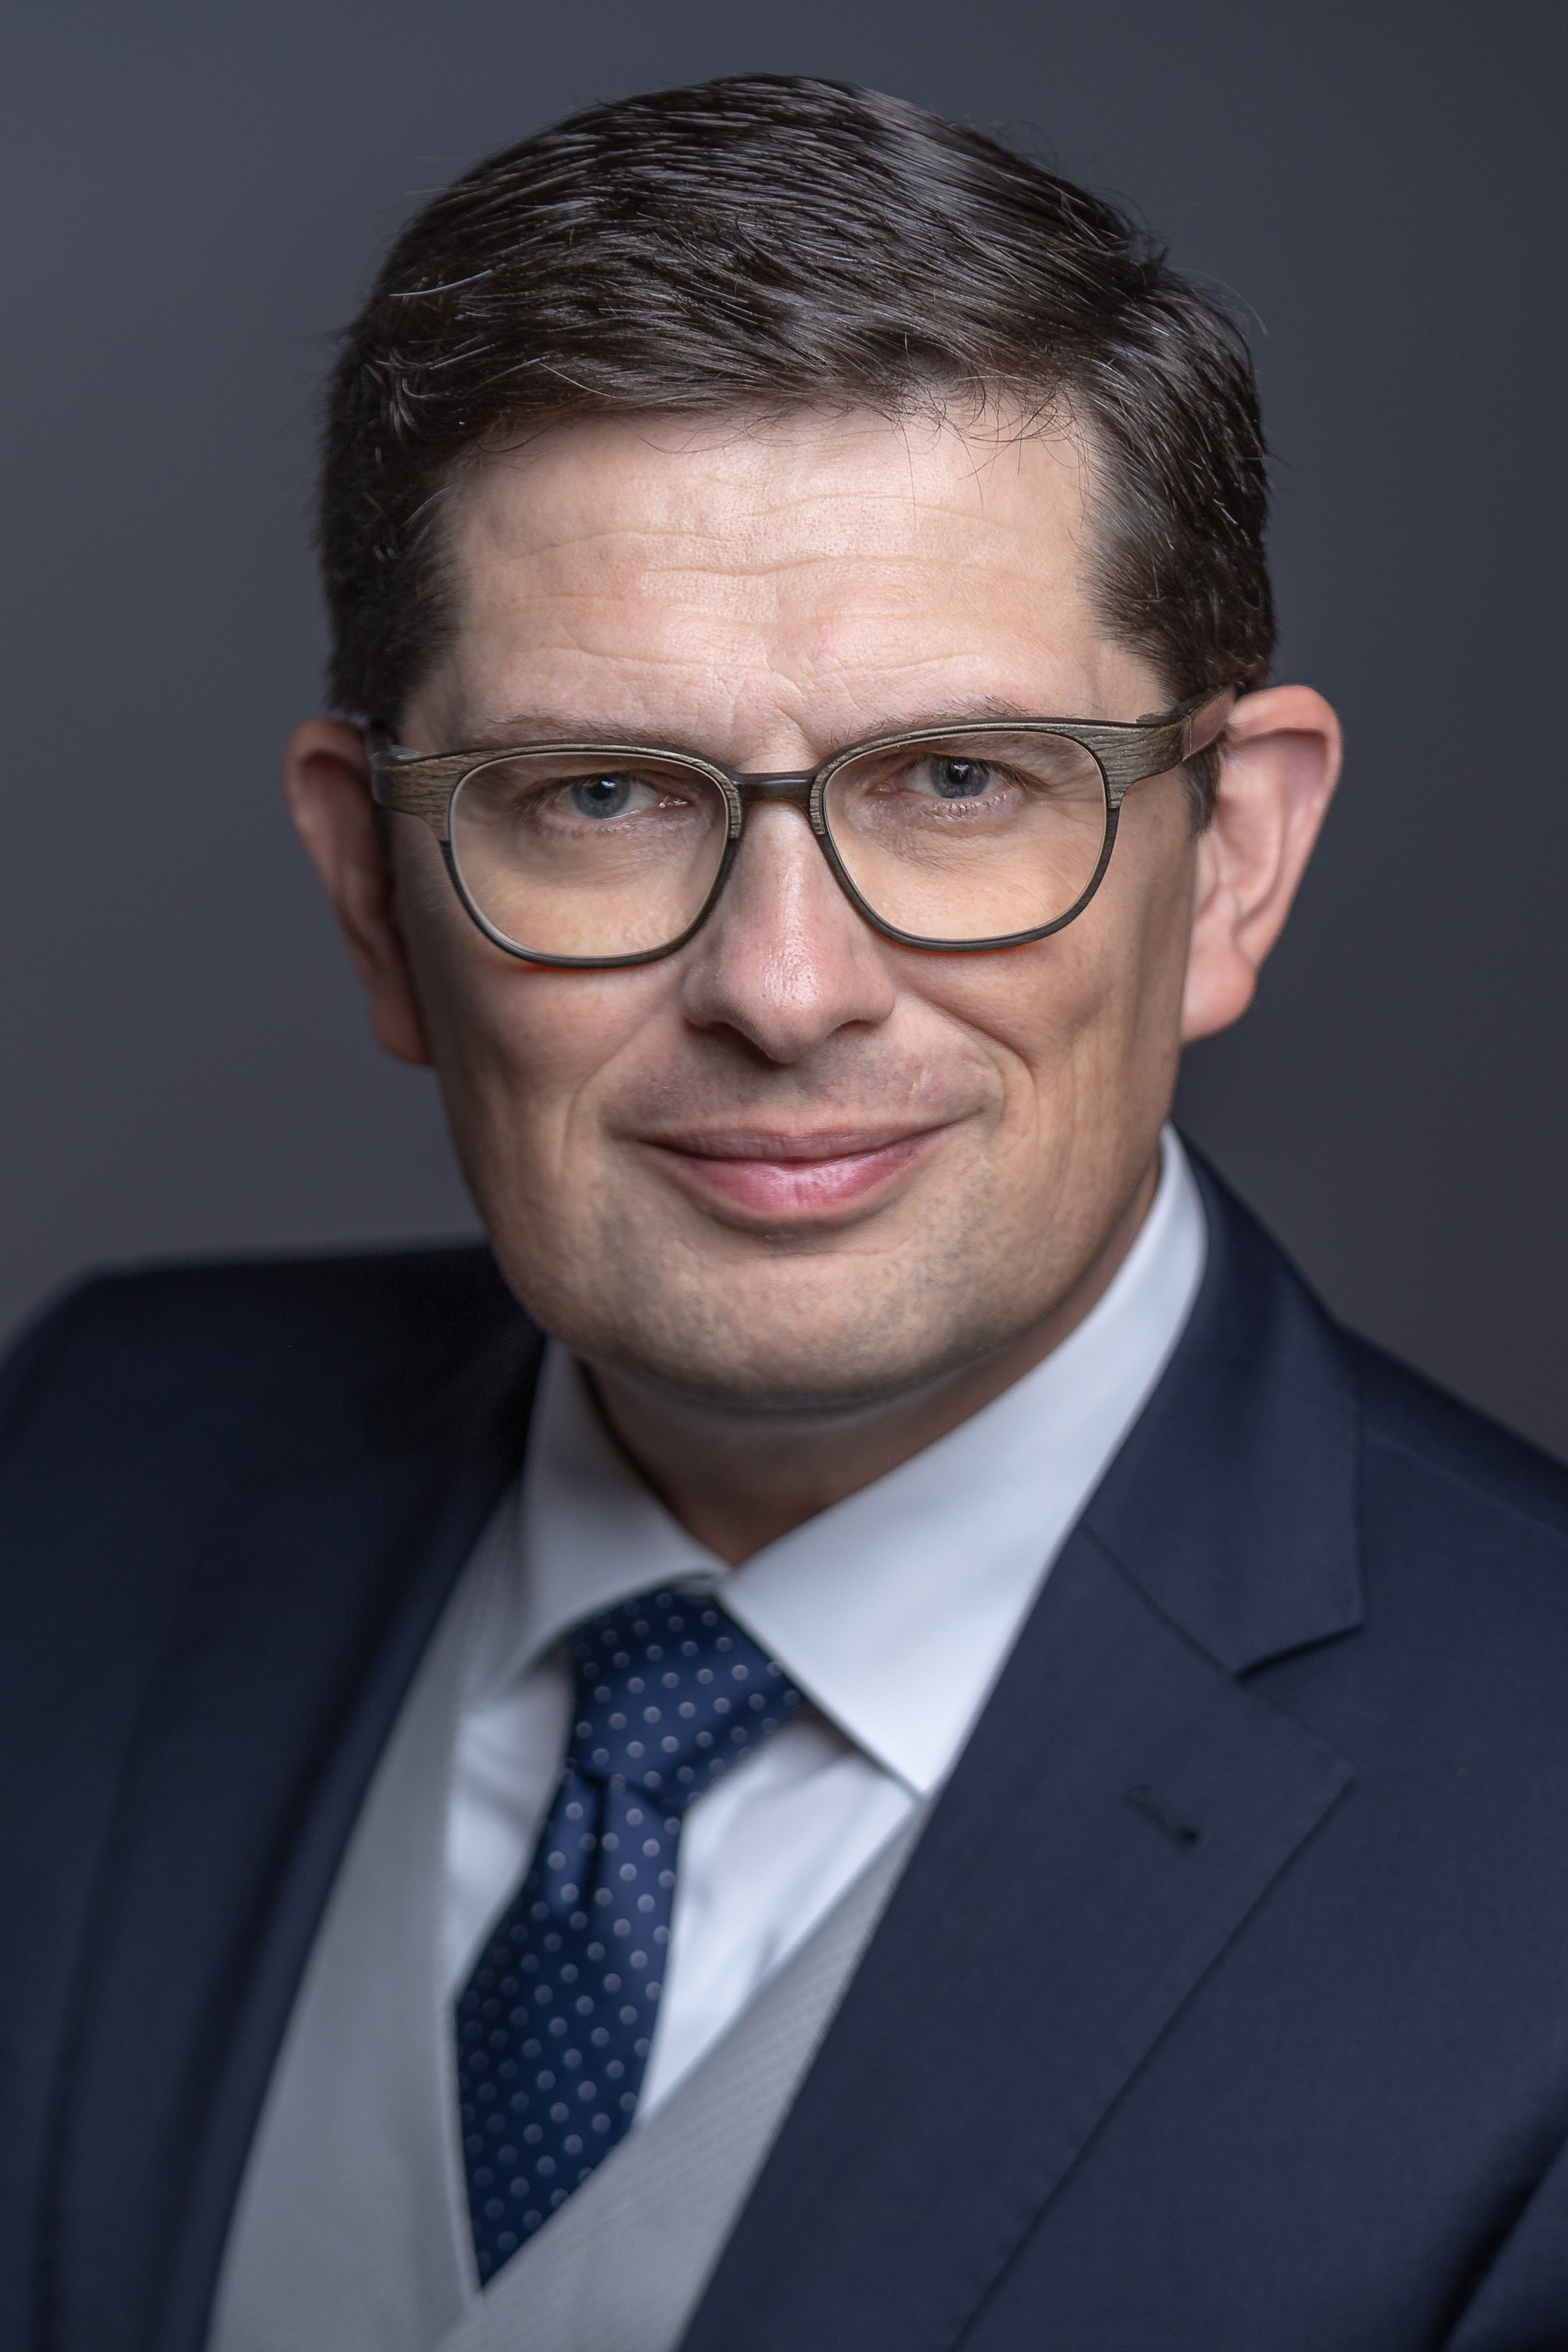 Beisitzer_Nils C Beckmann